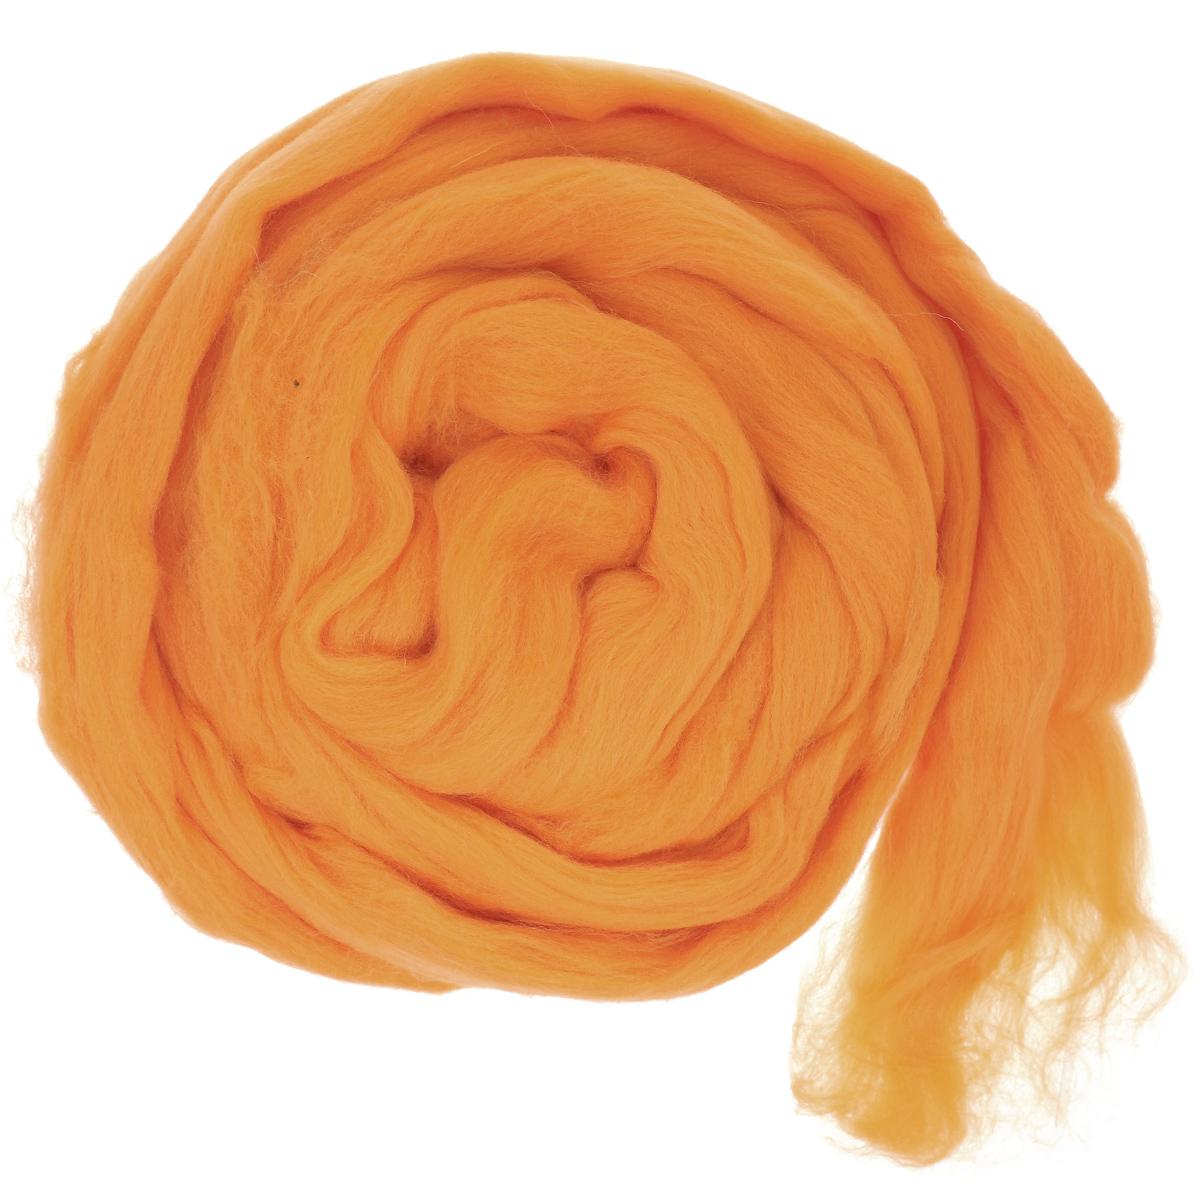 Шерсть для валяния Астра, тонкая, цвет: оранжевый (0491), 100 г366137_0491